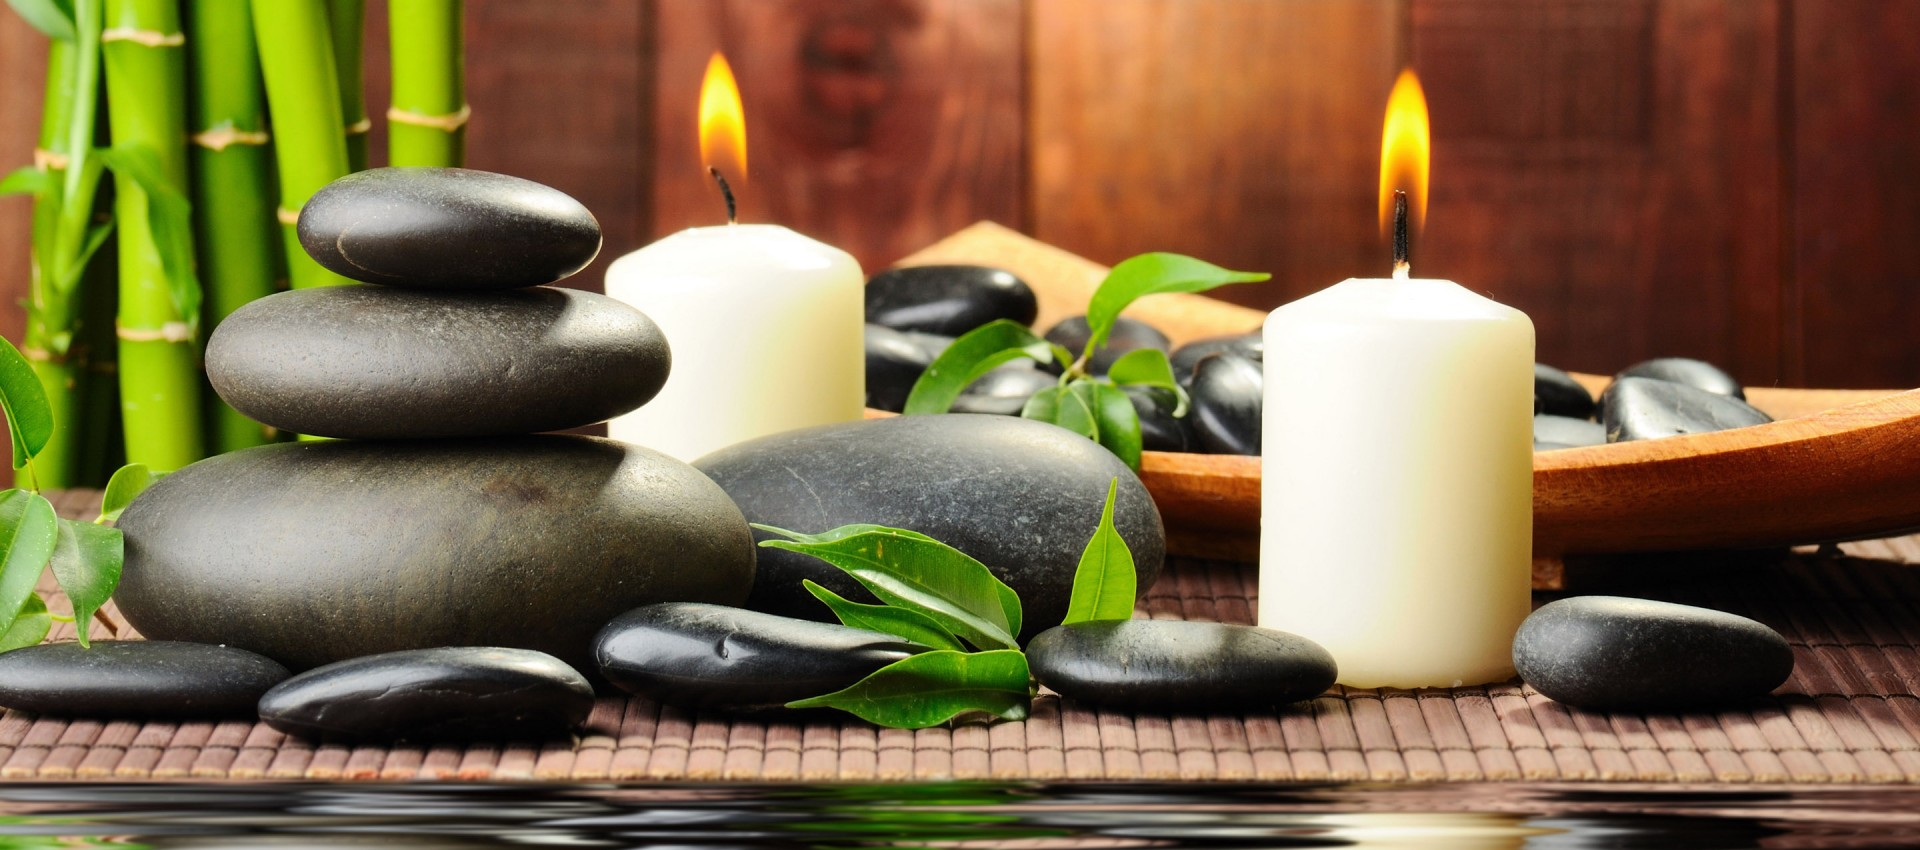 eskortgöteborg spa och massage